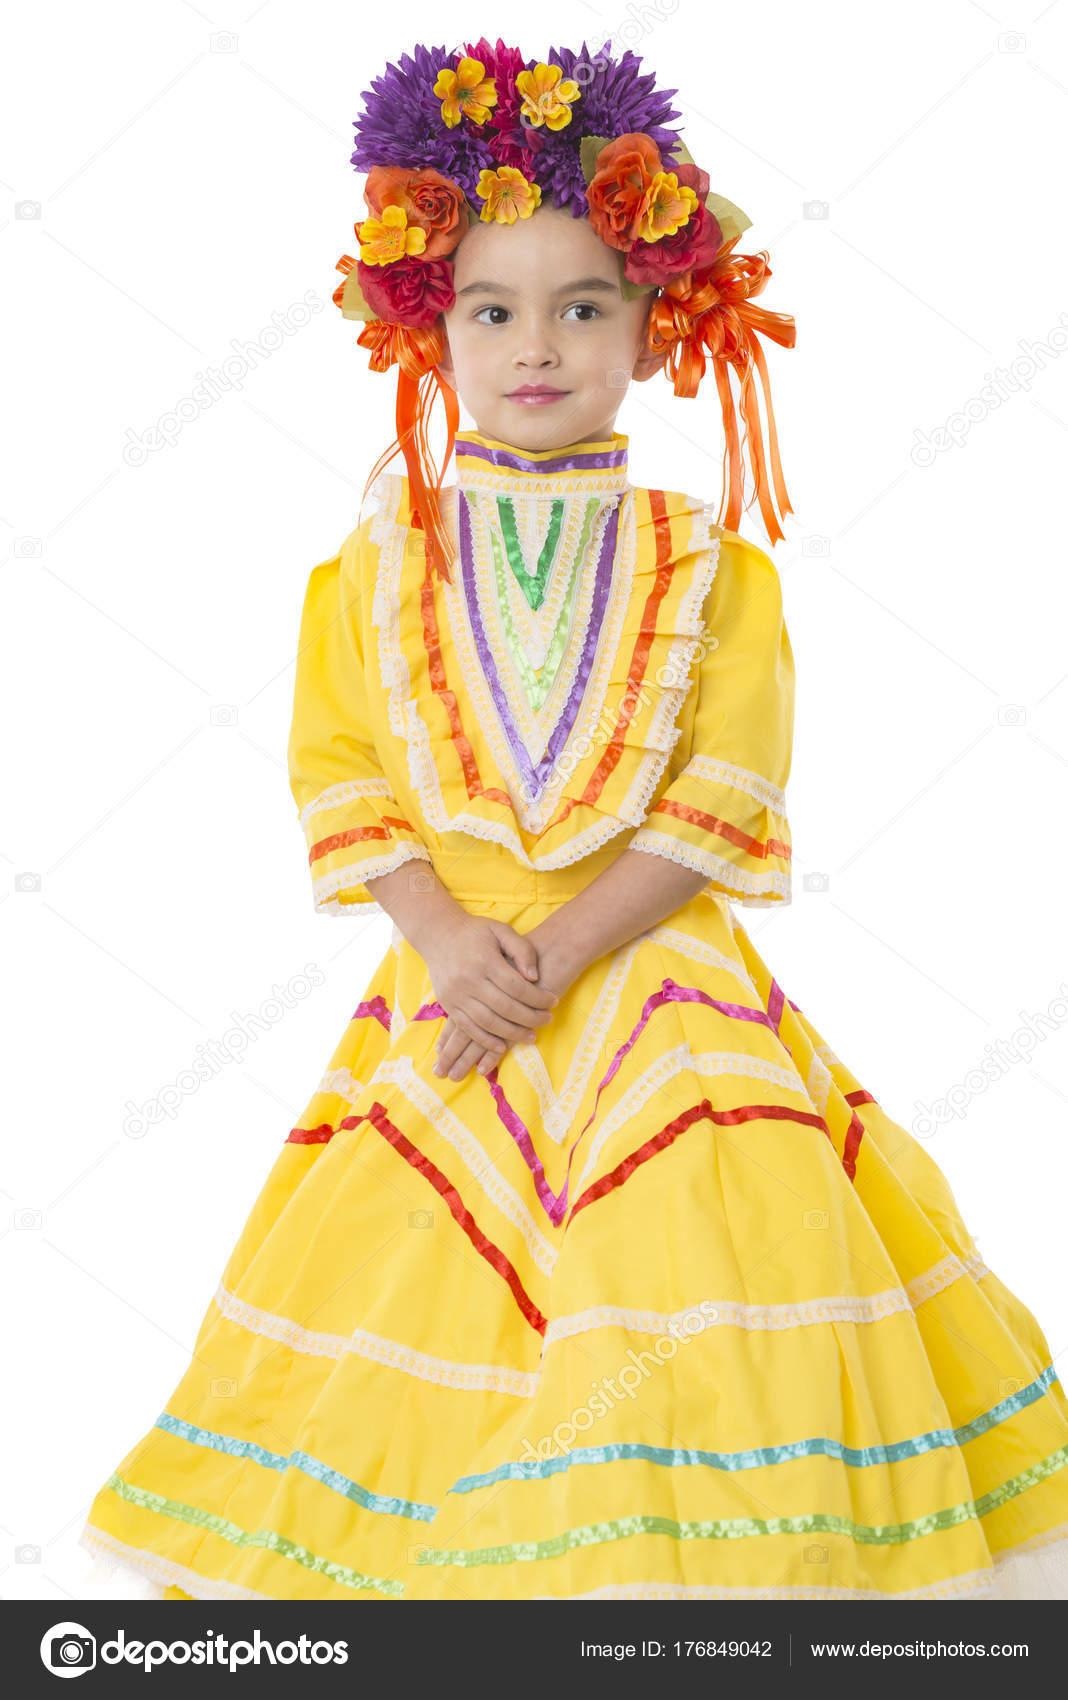 Tradicional Mexicano Pedazo De Vestido Y Cabello Foto De